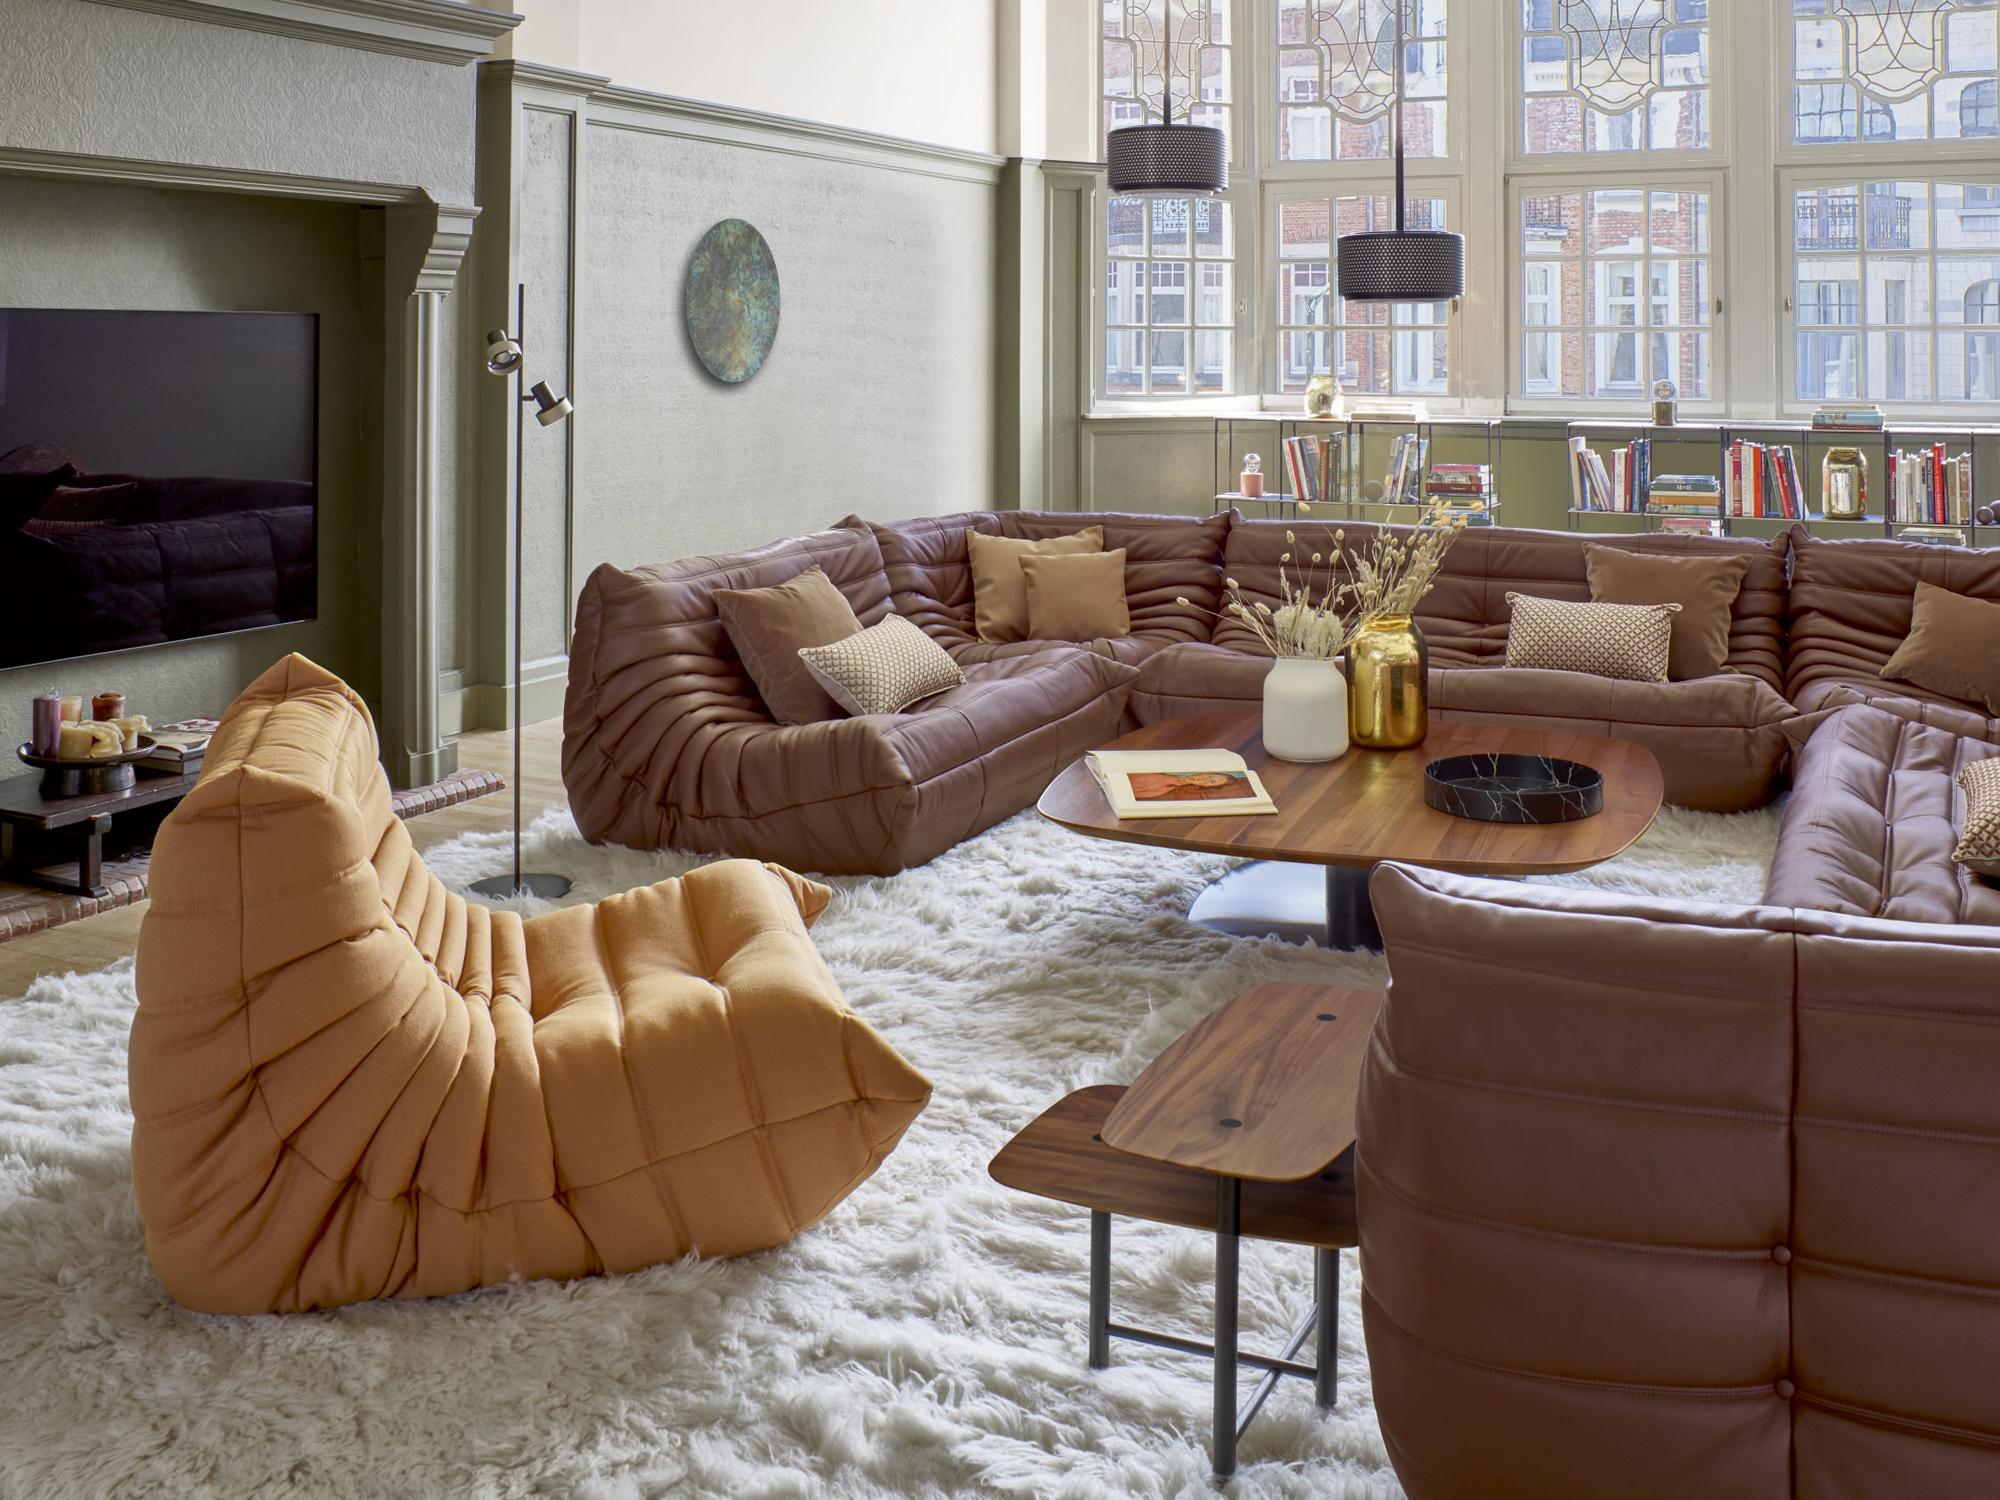 Togo vonMichel Ducaroy: bis heute mit über 1,5 Millionen Exemplaren das meistverkaufte Möbel des Unternehmens. Foto: Ligne Roset